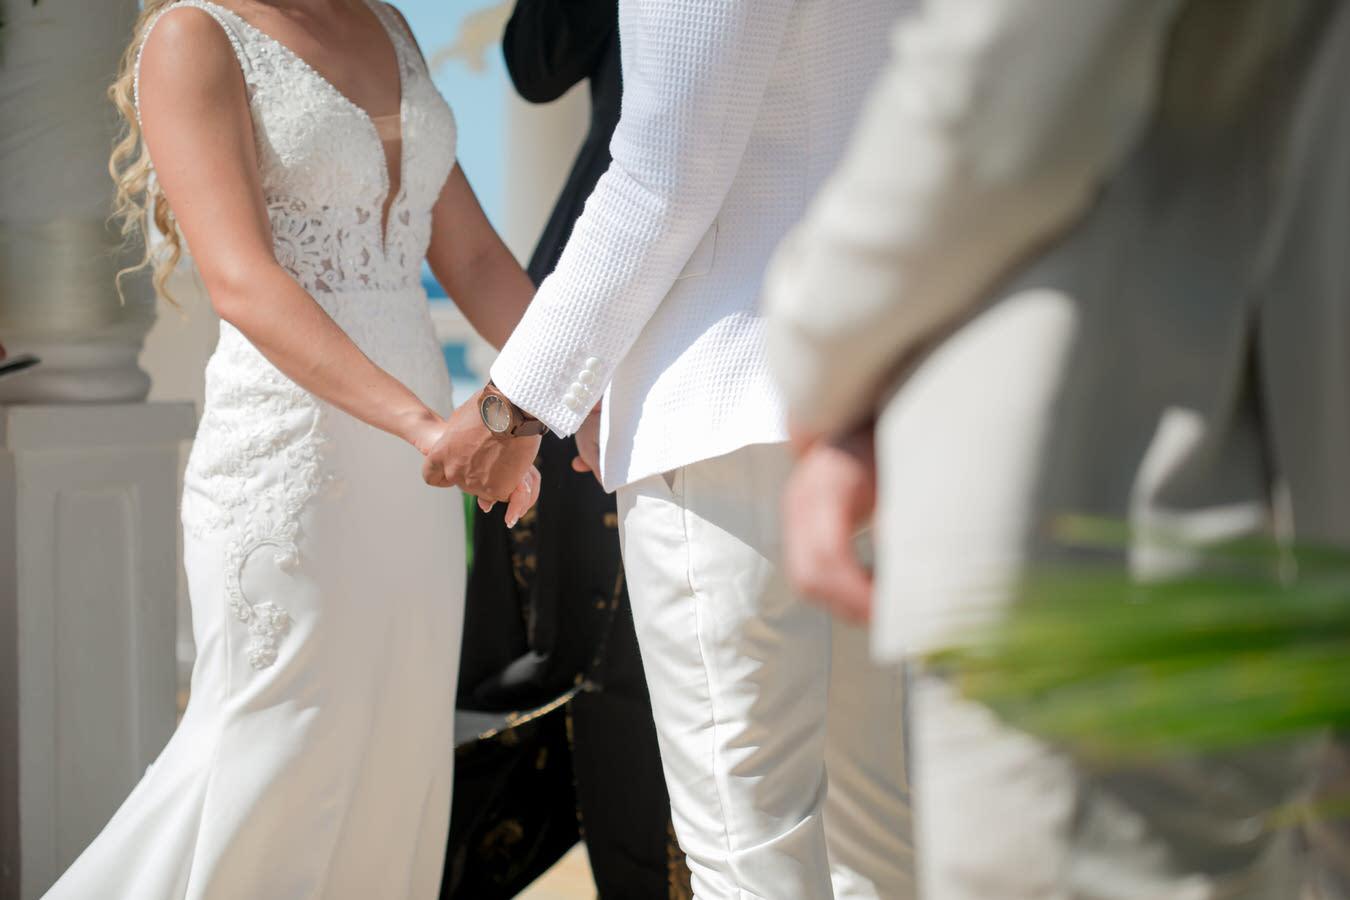 Ashley___Michael___Daniel_Ricci_Weddings_High_Res._Final_0149.jpg